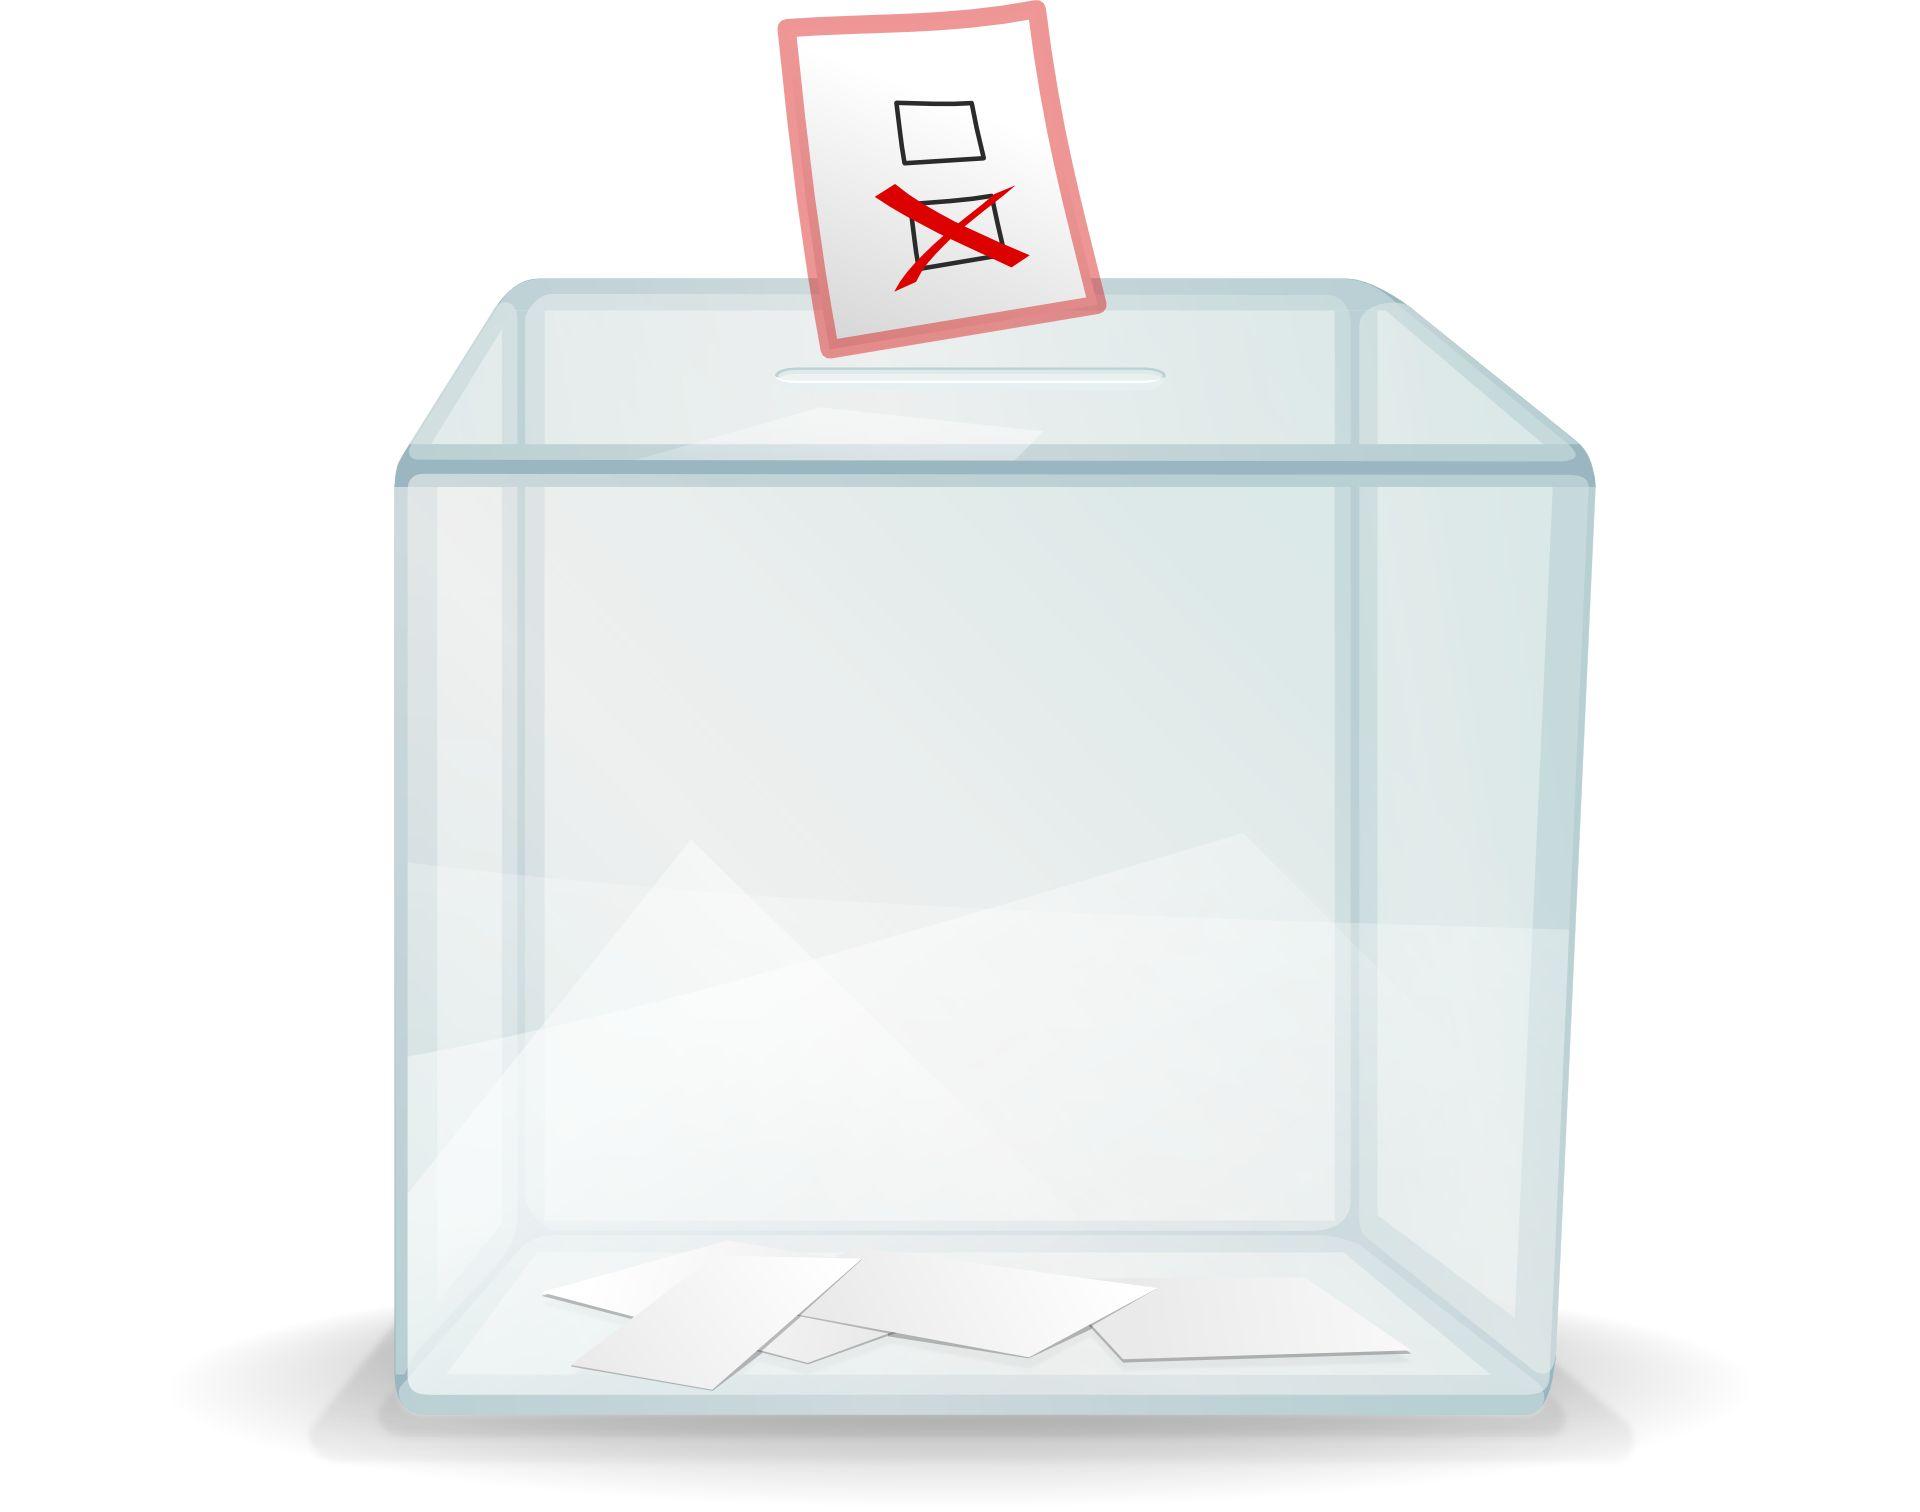 Projekt MZ ws. wyborów: Członkowie komisji w rękawiczkach i przyłbicach, urny dezynfekowane